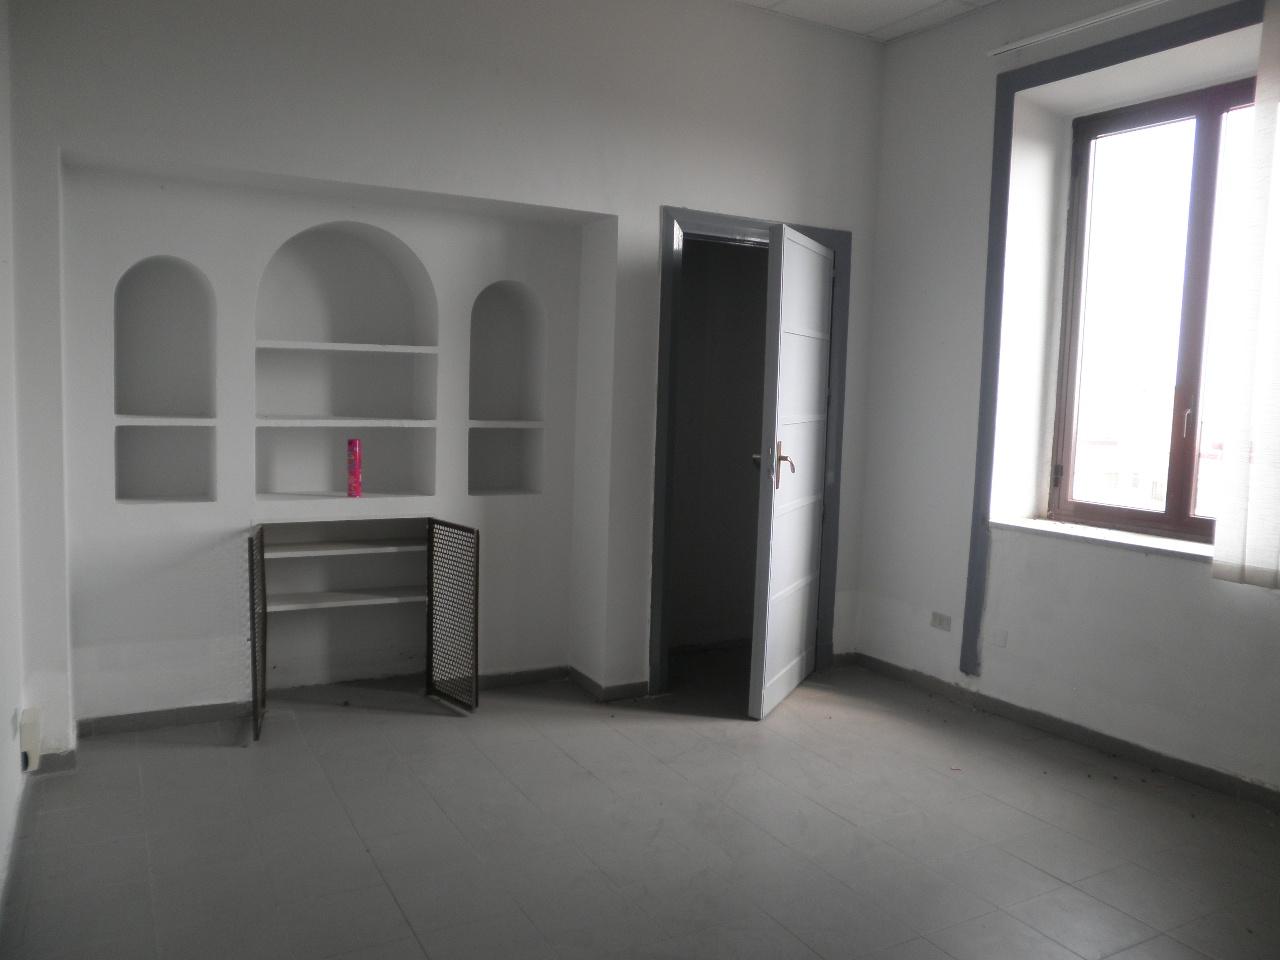 Appartamento in affitto a Catanzaro, 5 locali, zona Località: CATANZAROCENTRO, prezzo € 900 | Cambio Casa.it